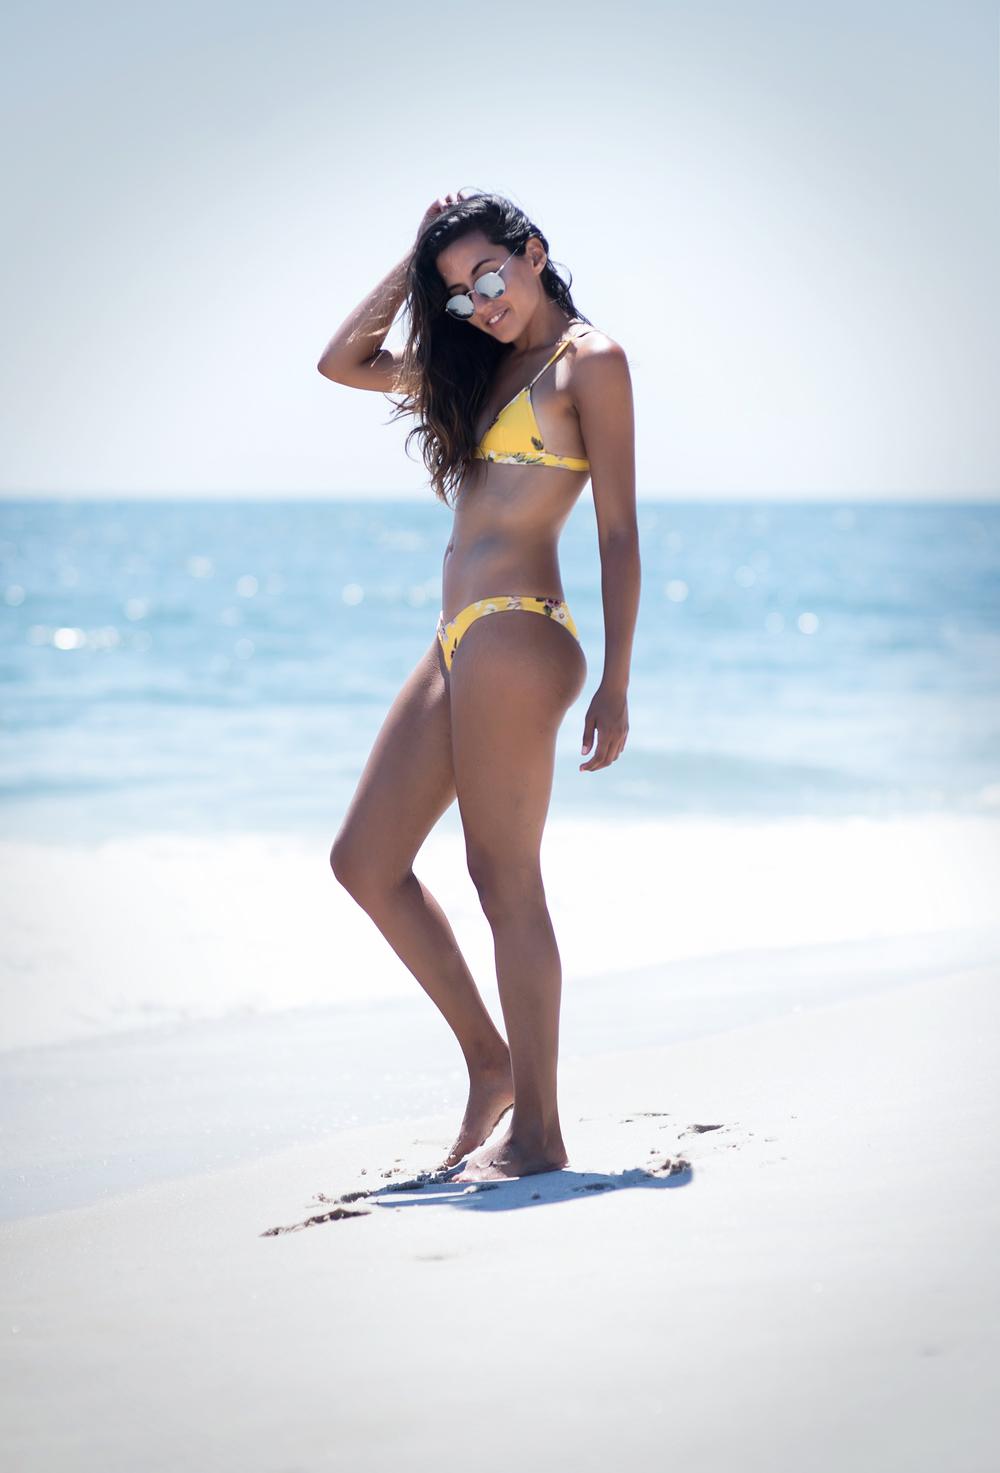 fashion-blogger-summer-swimwear-triangl-delilah-fiore-giallo-bikini-raquel-paiva